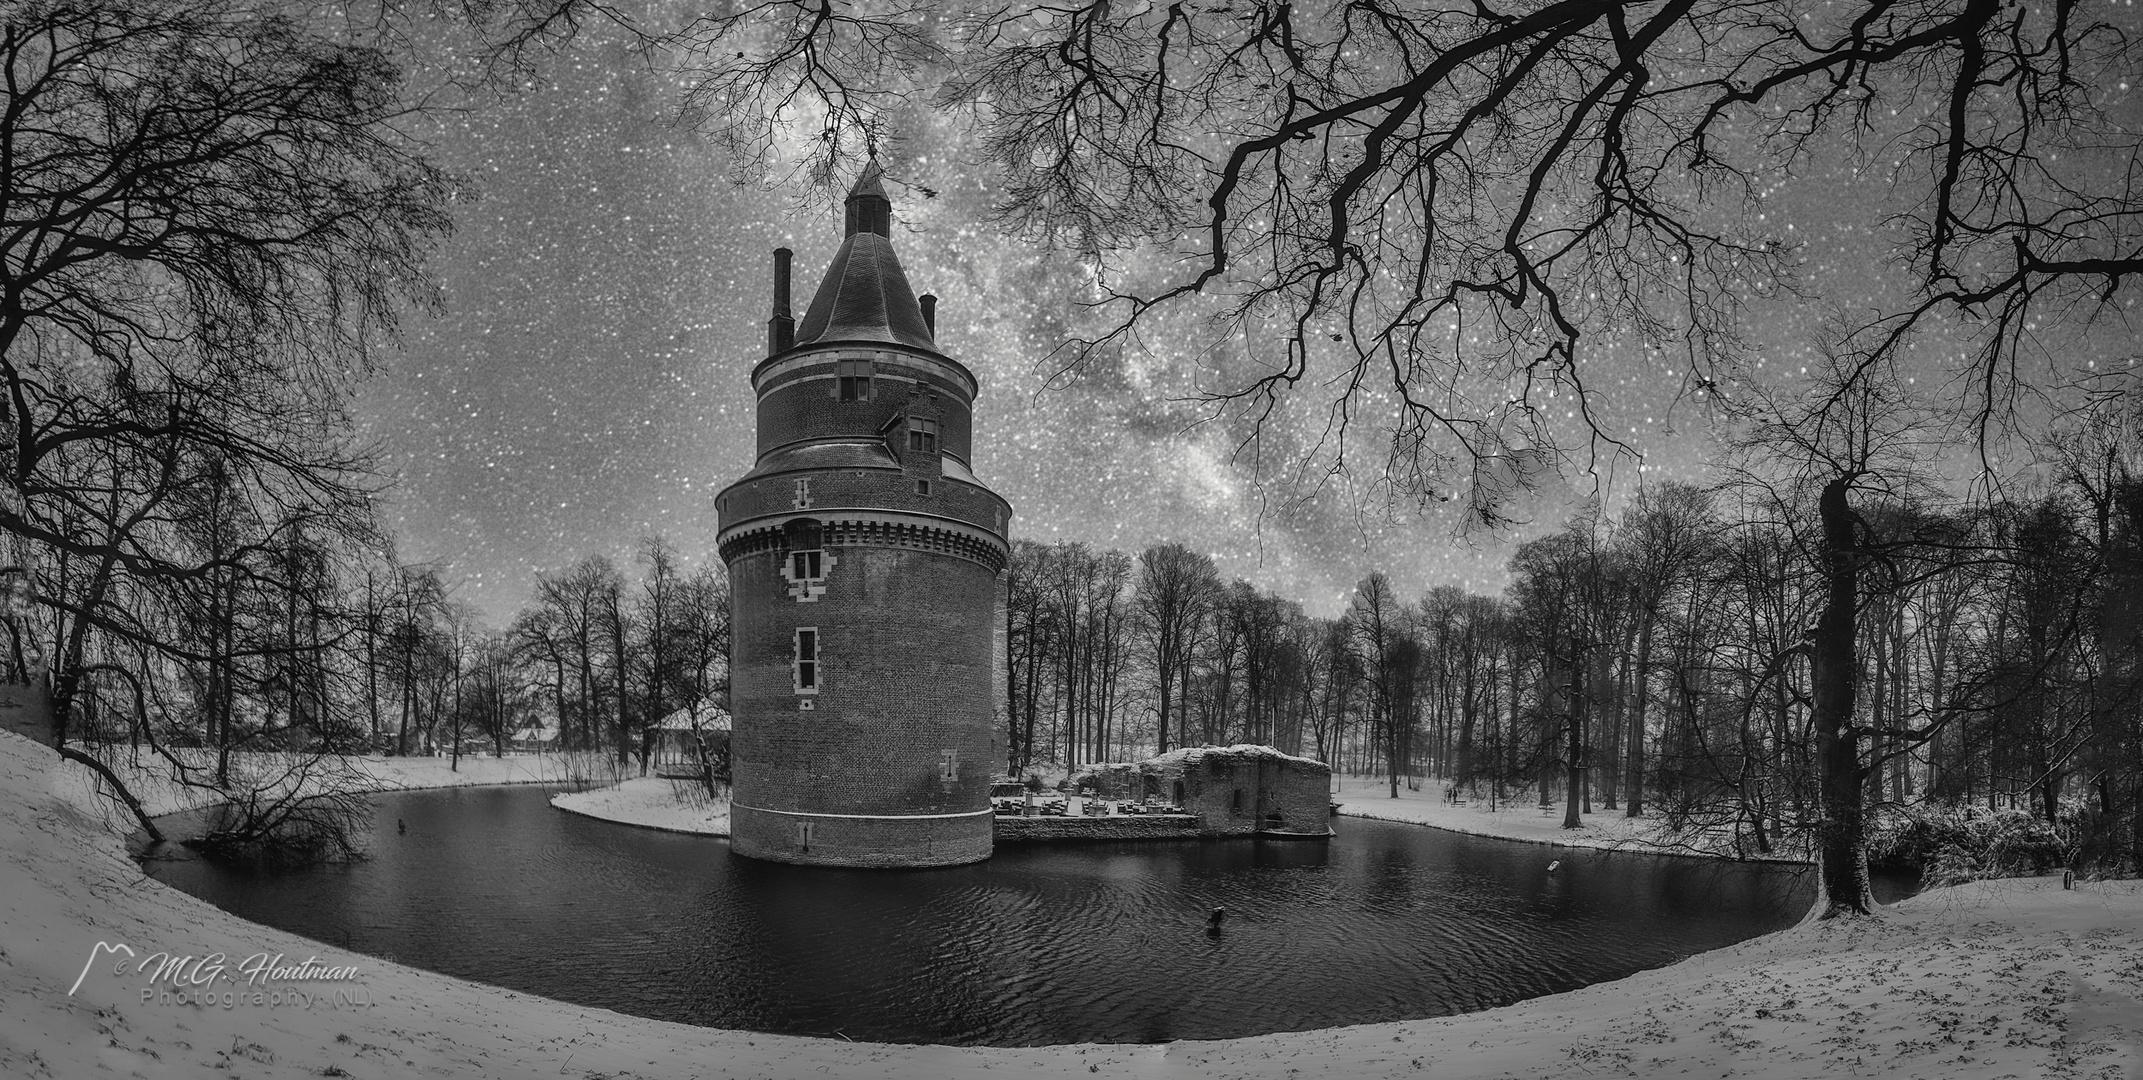 Wijk bij Duurstede castle under the starry night